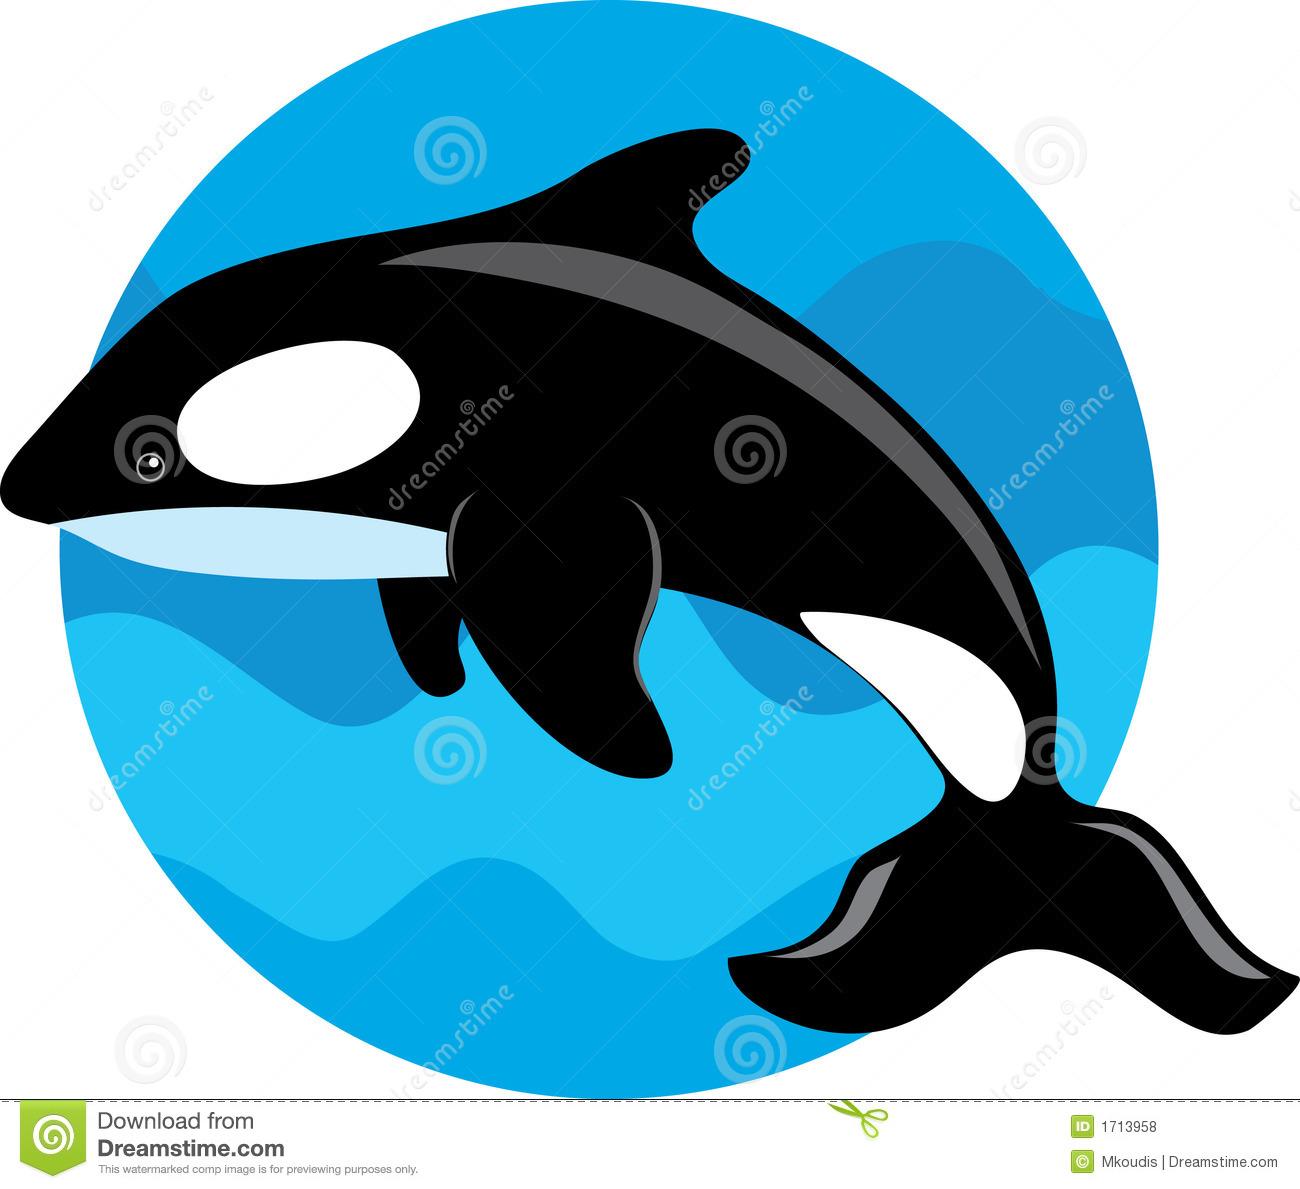 orca-clip-art-orca-whale-1713958.jpg